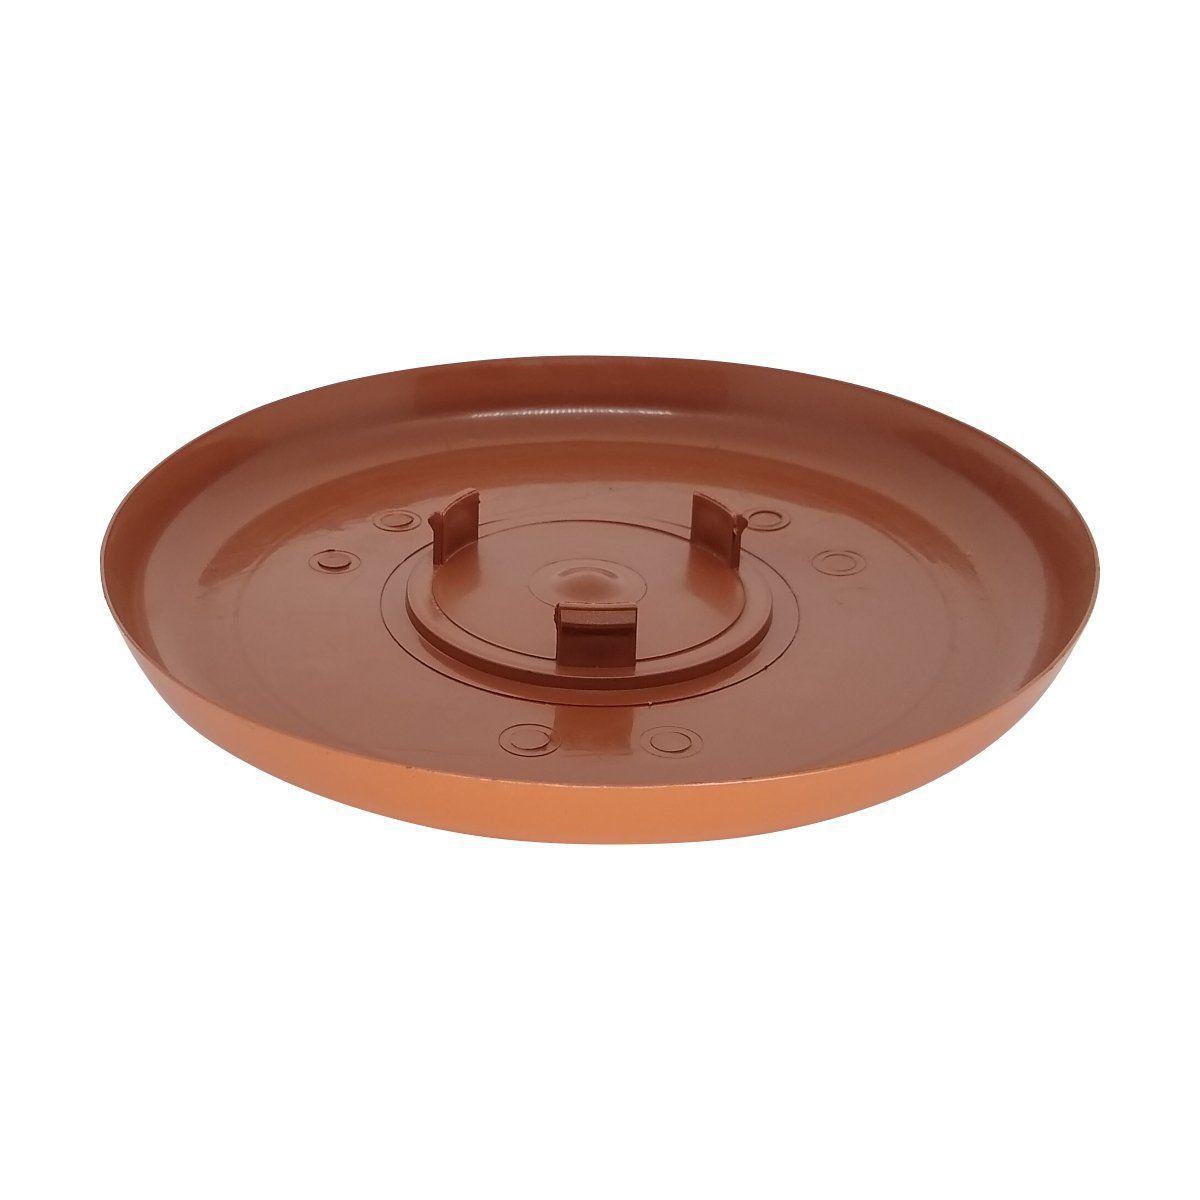 Kit Cuia Nobre 01 cerâmica (vaso)